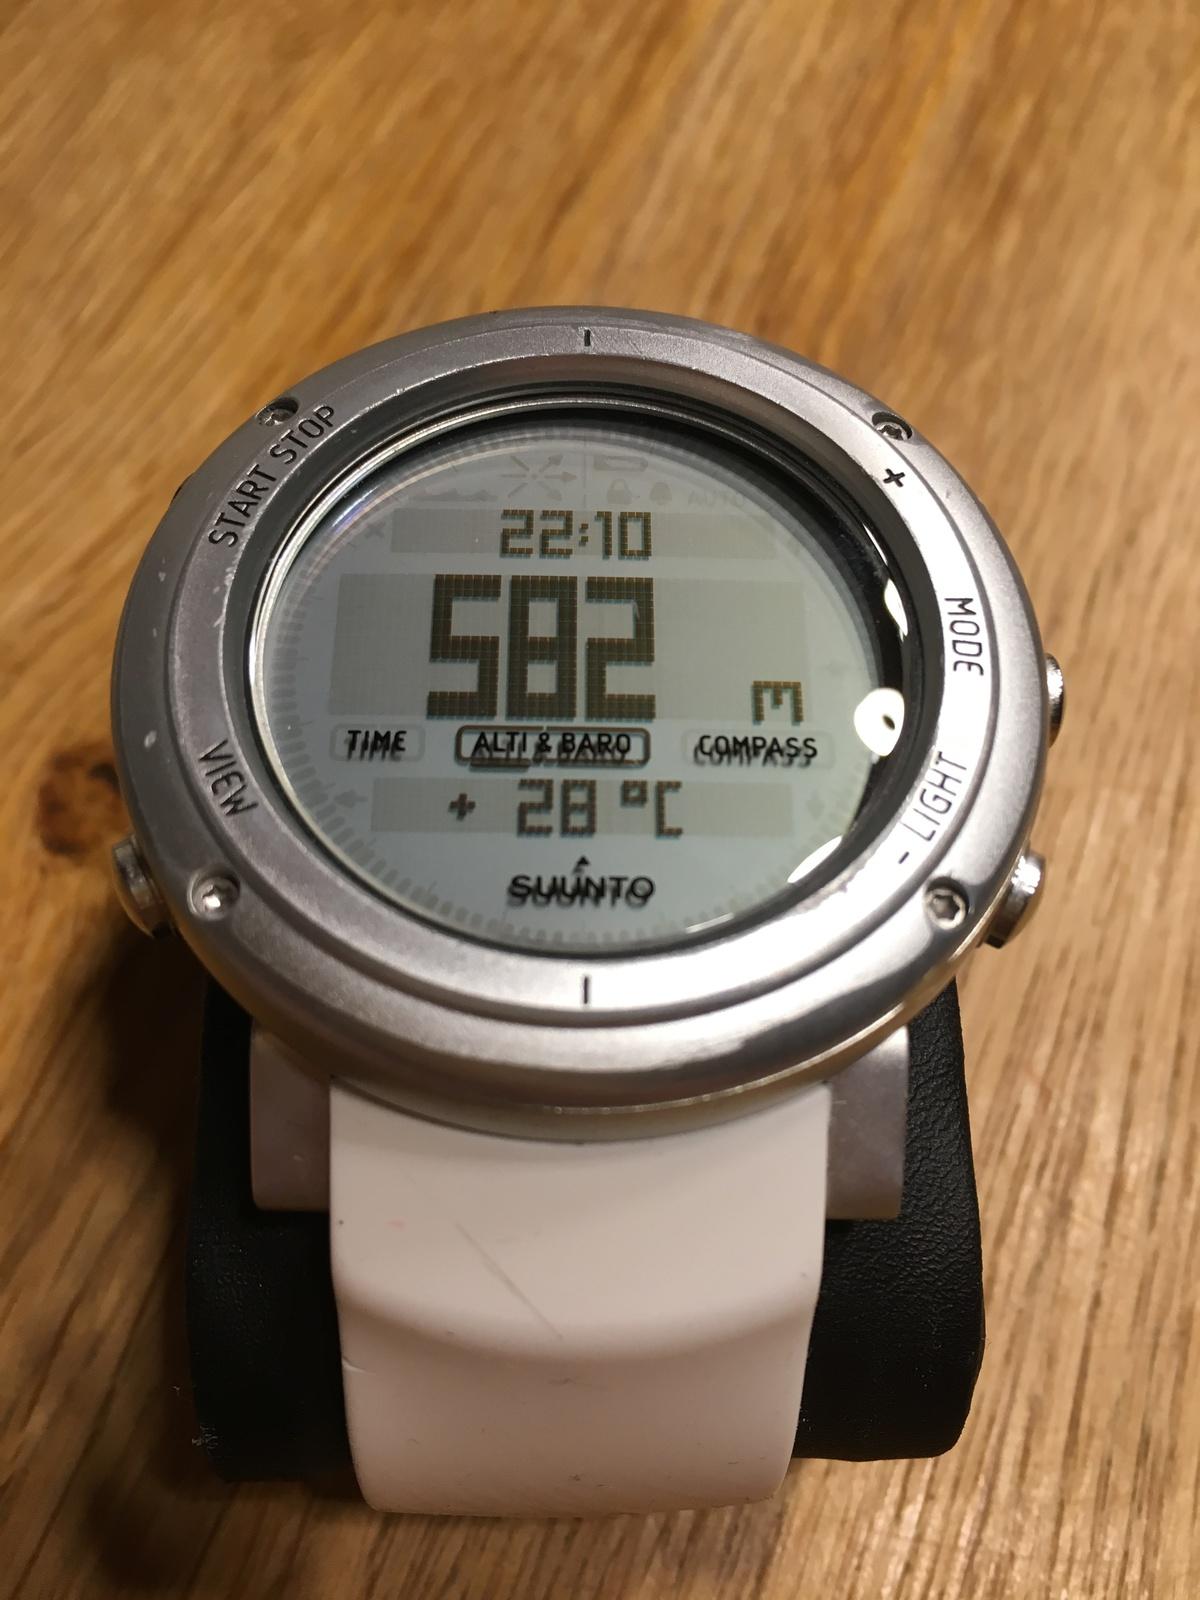 Verkauf Tausch Suunto Core Pure White Alu Ovp Outdoor Uhr Gps Watch Digital Img 0688